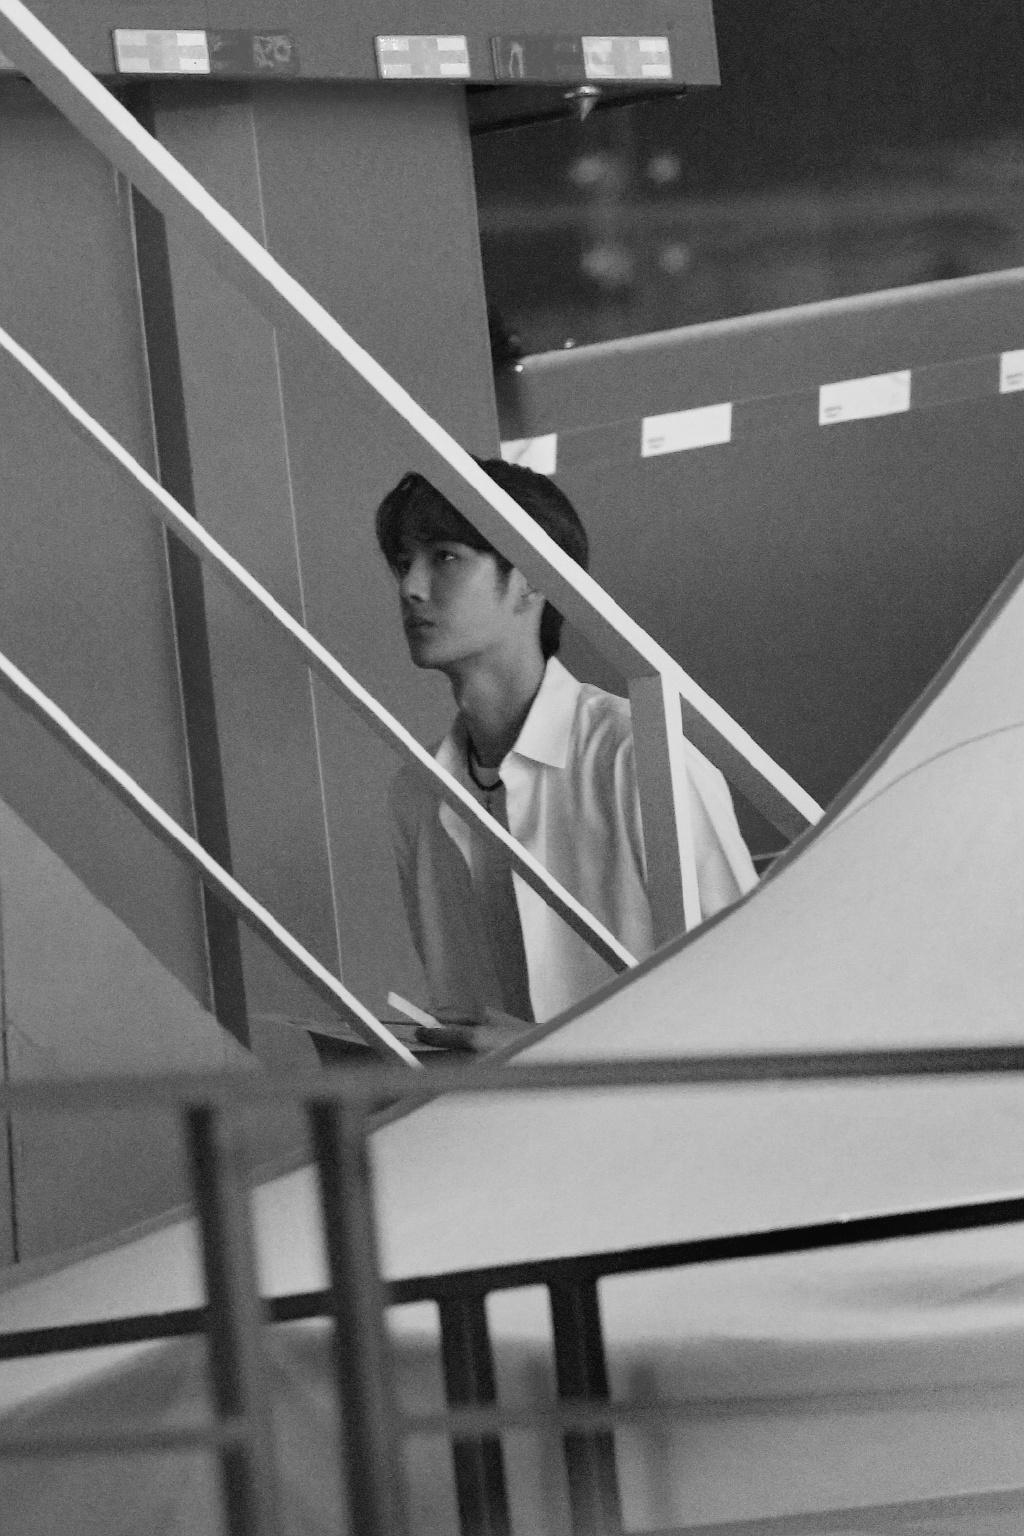 王一博摆拍照被疯传,穿白色衬衫下楼梯,妥妥的霸道总裁既视感